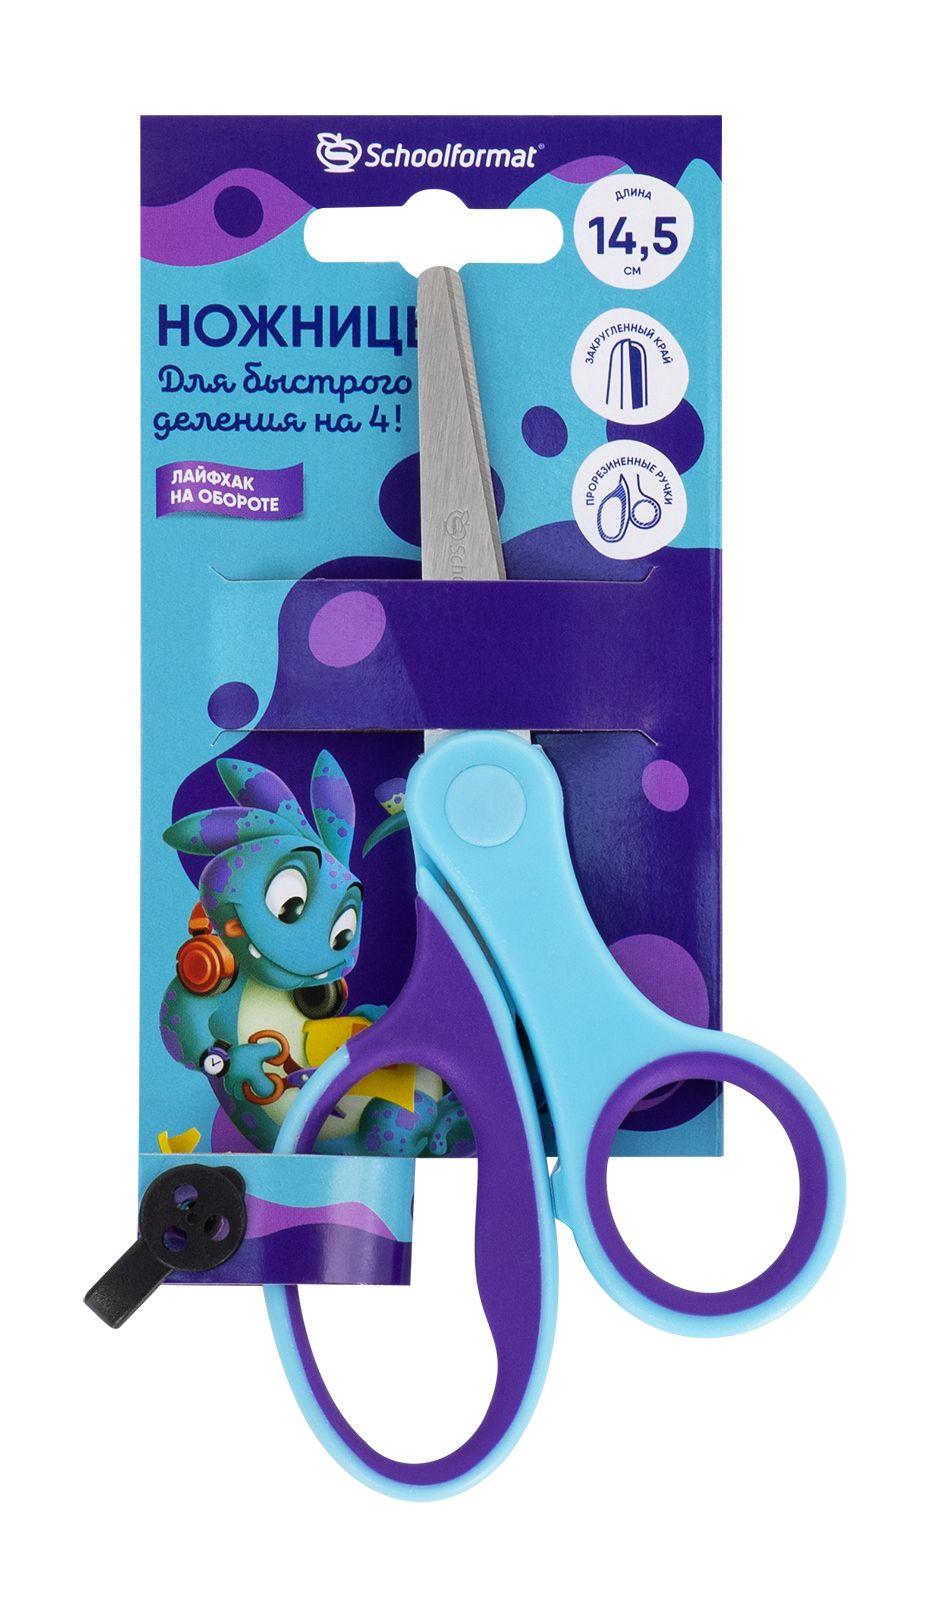 Ножницы школьные Schoolformat 14,5 см, с эргономичными ручками с резиновыми вставками